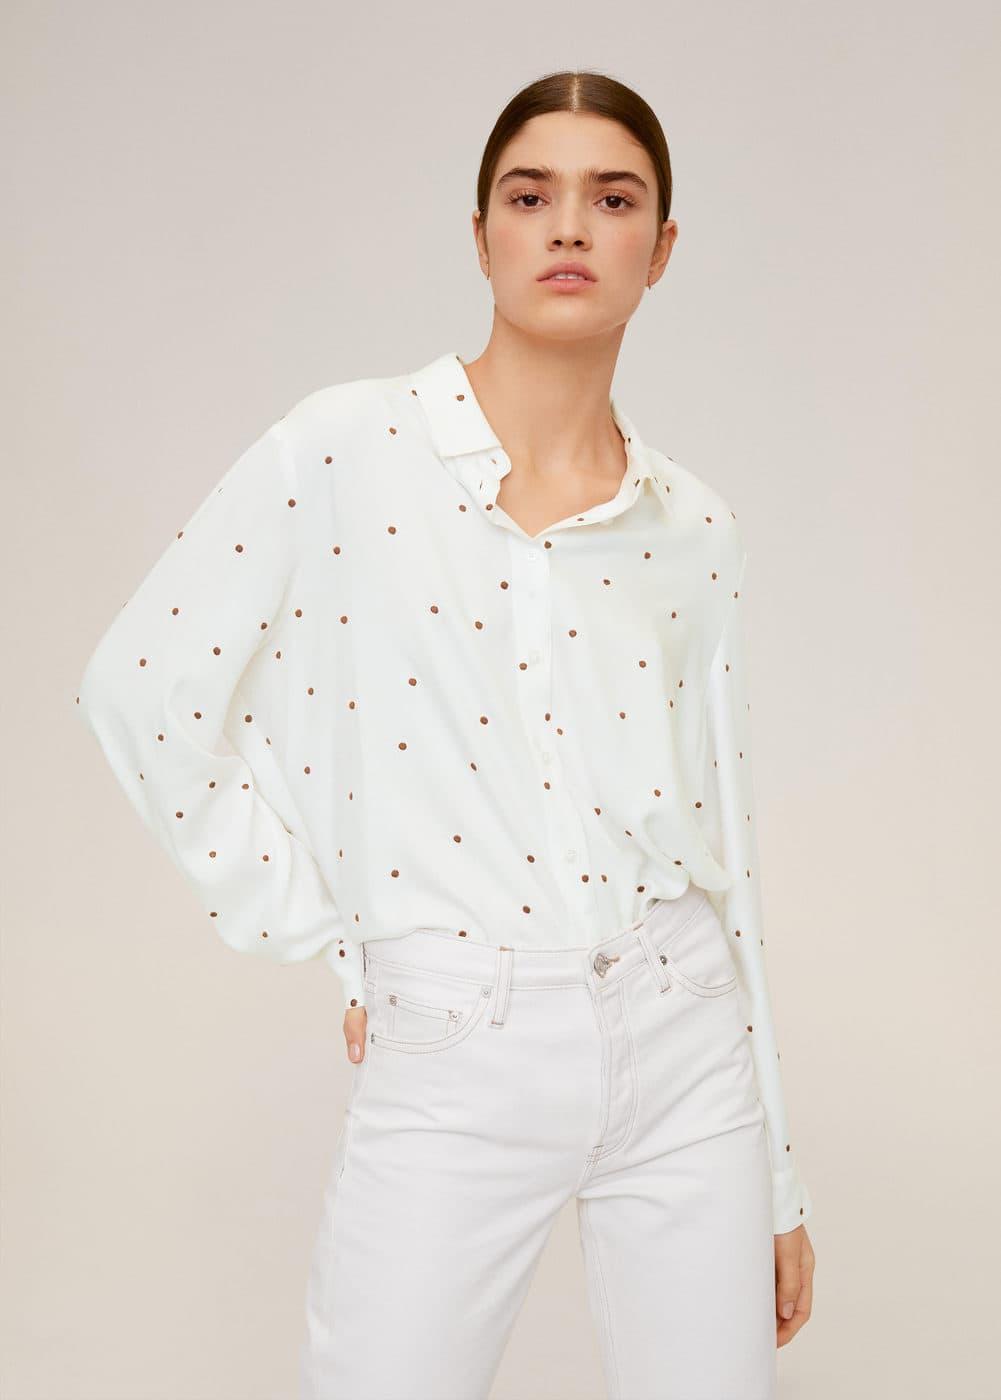 Струящаяся рубашка в горошек - Рубашки - Женская | Mango МАНГО Россия (Российская Федерация)